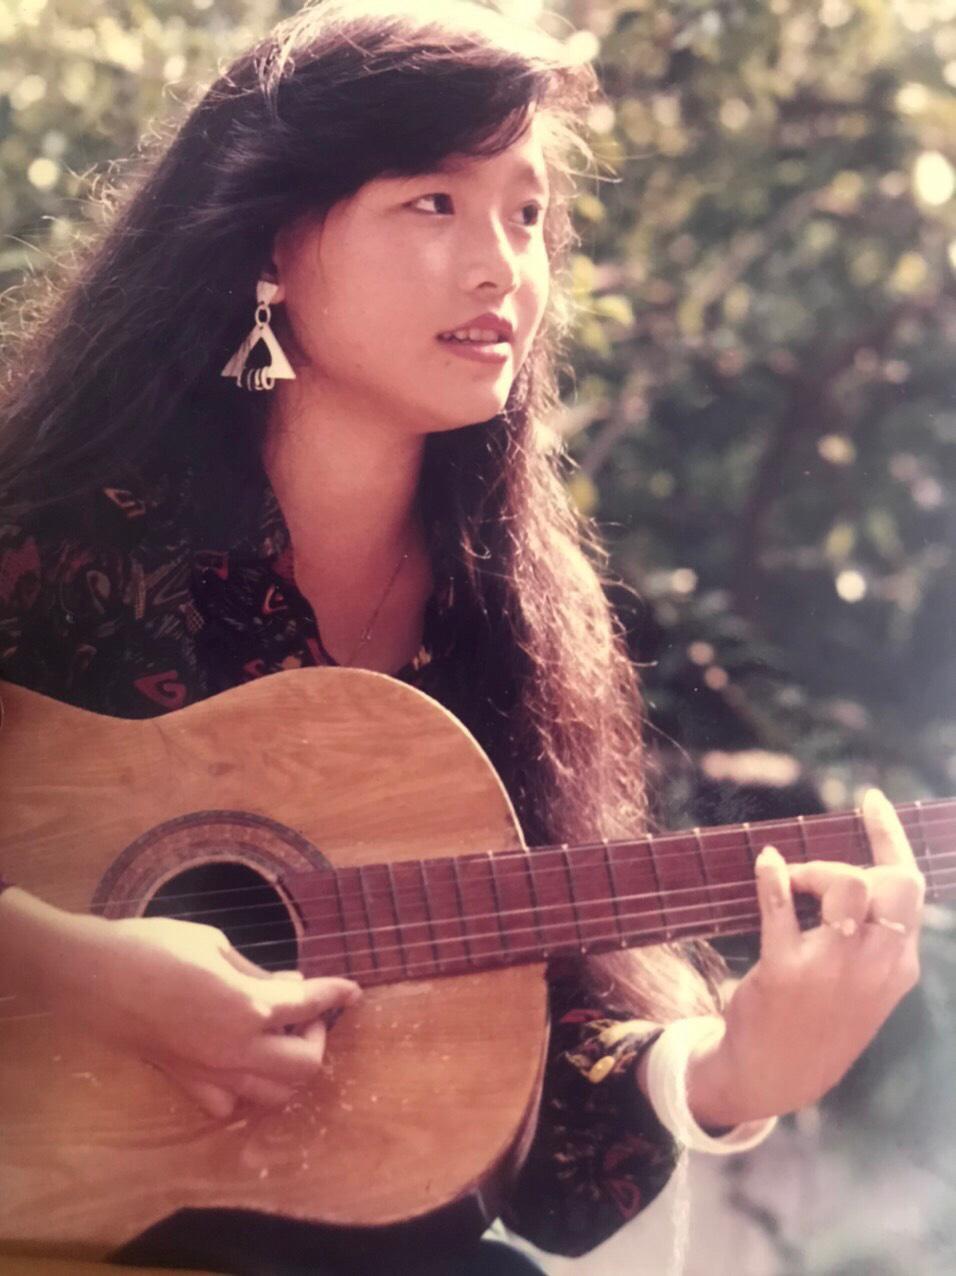 Nhan sắc thời trẻ và điều ít biết về Nữ hoàng nhạc sến miền Tây Hoàng Châu-6